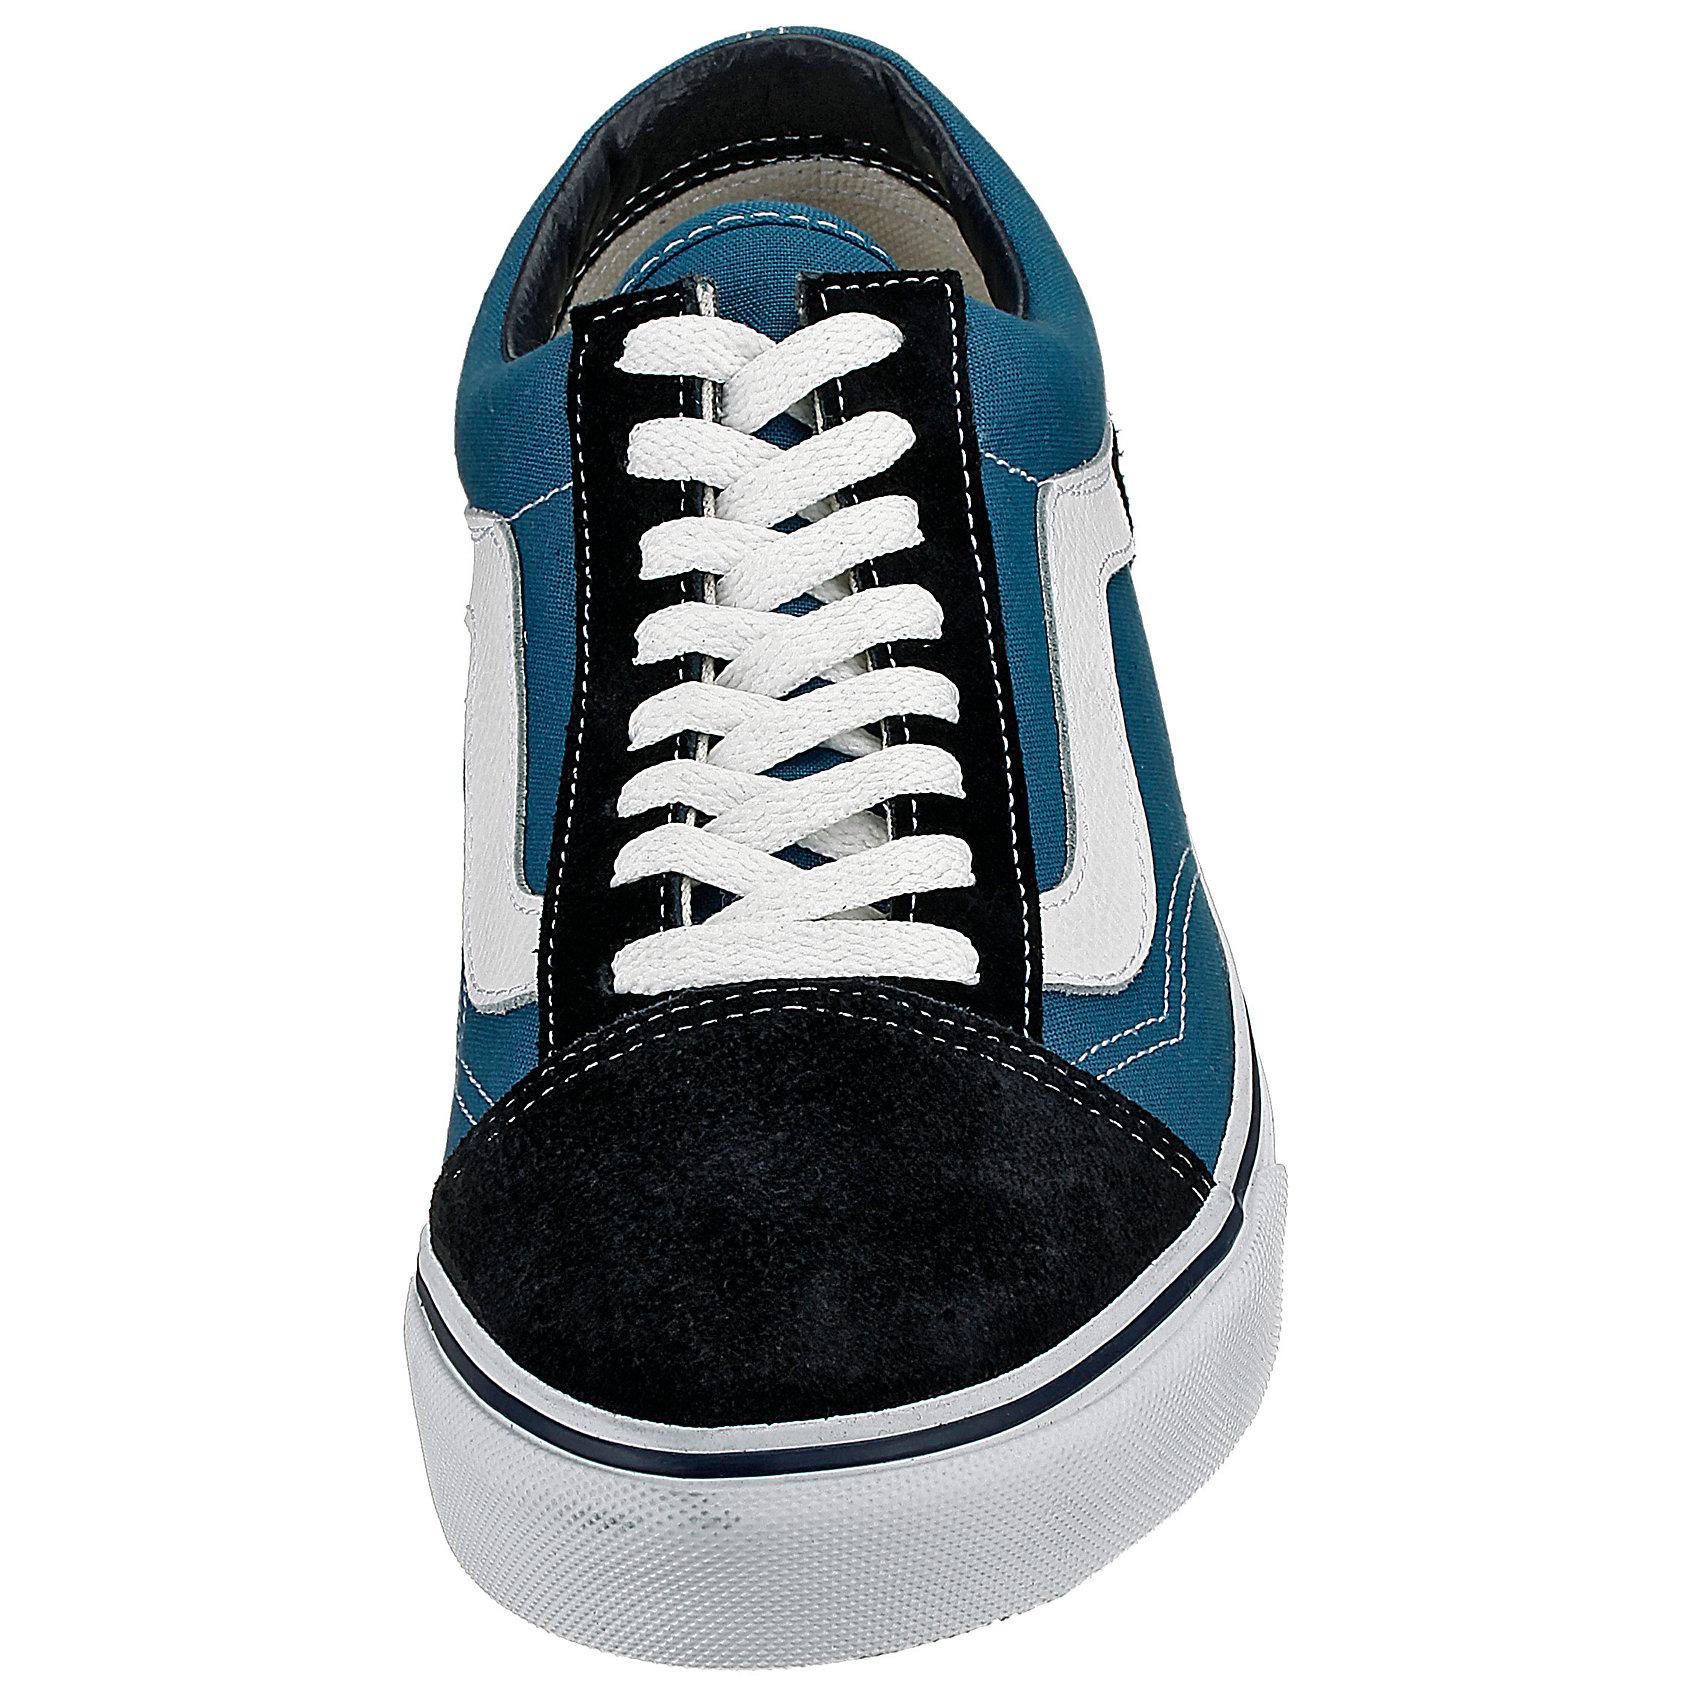 Neu VANS UA Old Skool Skool Skool Sneakers Niedrig 5009559 für Herren und Damen 934ac2